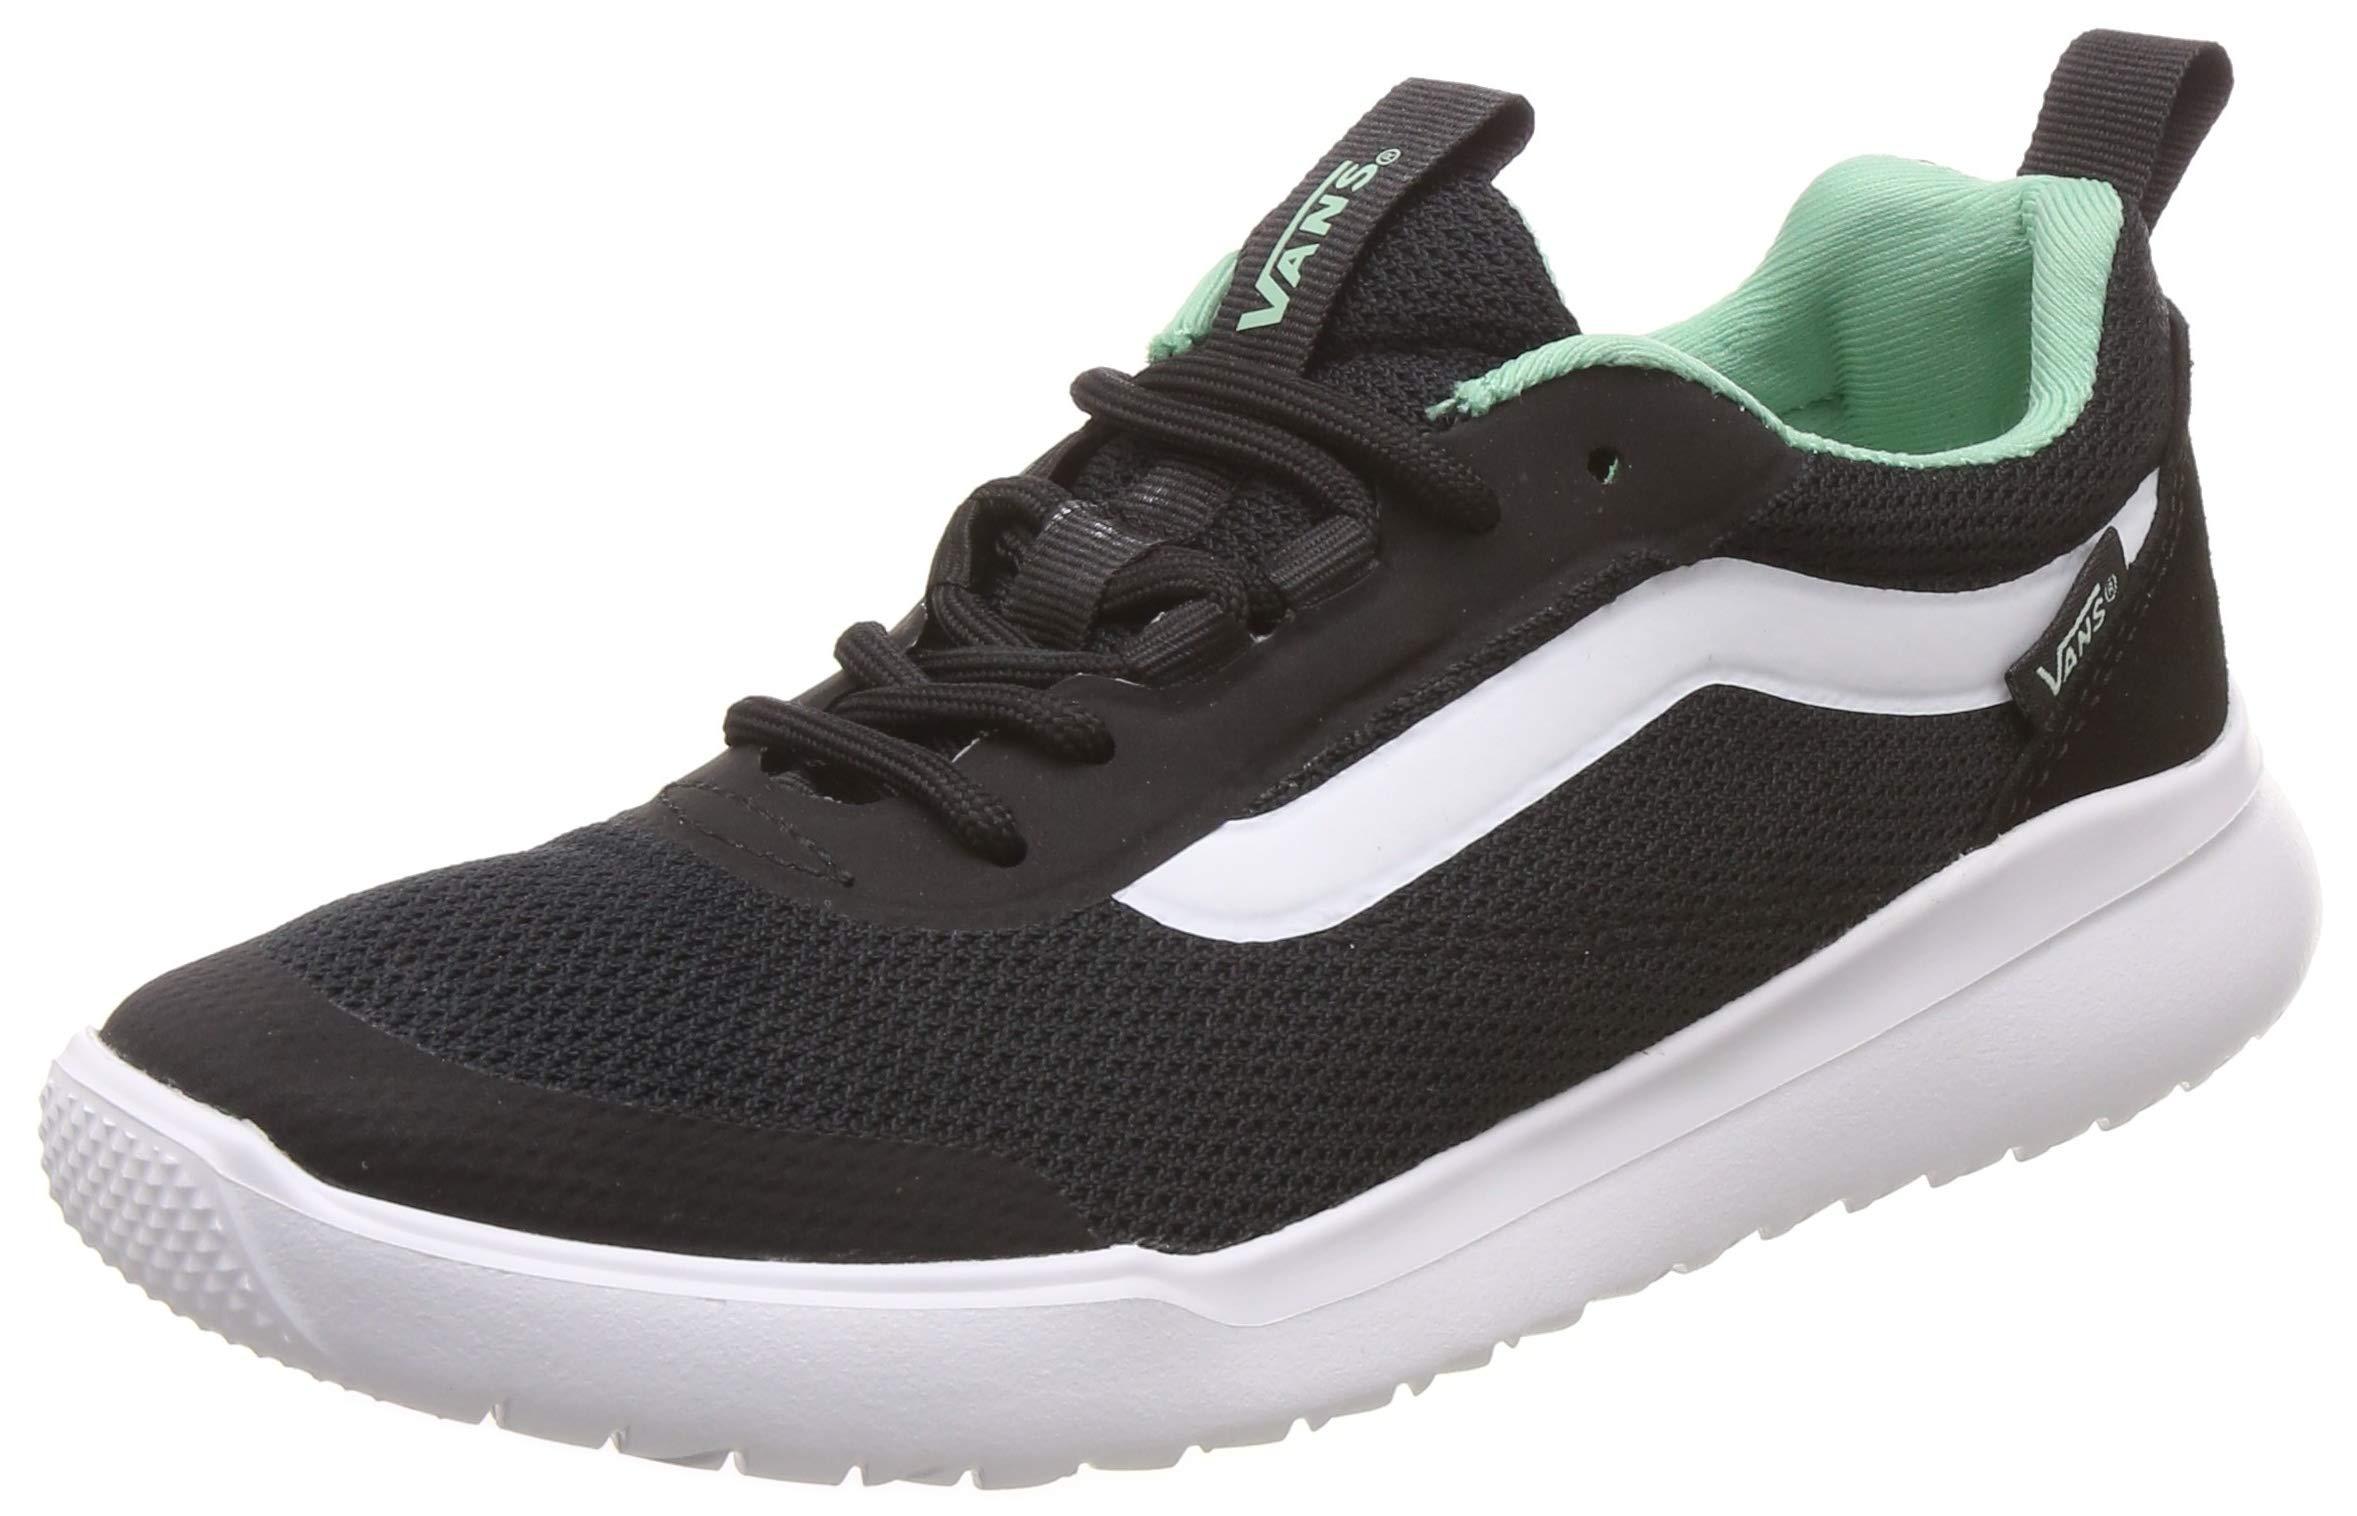 Vans Women's Cerus RW Sneakers- Buy